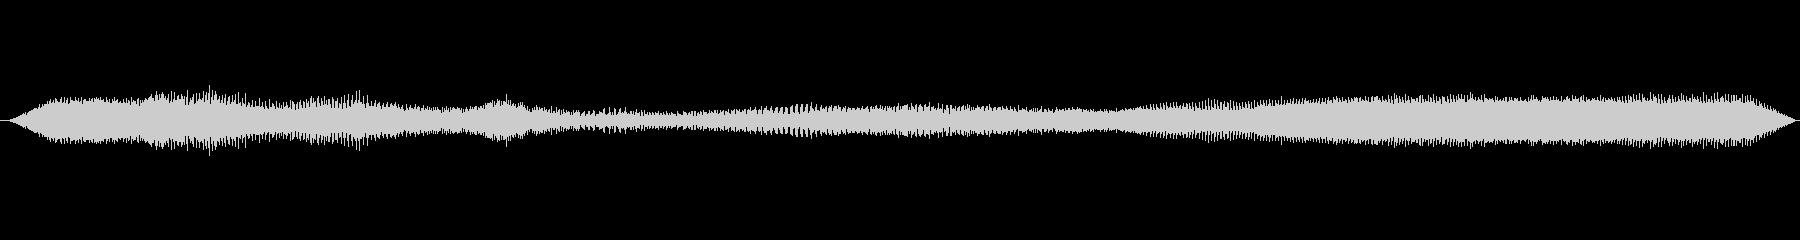 車 カマロ減速加速排気01の未再生の波形